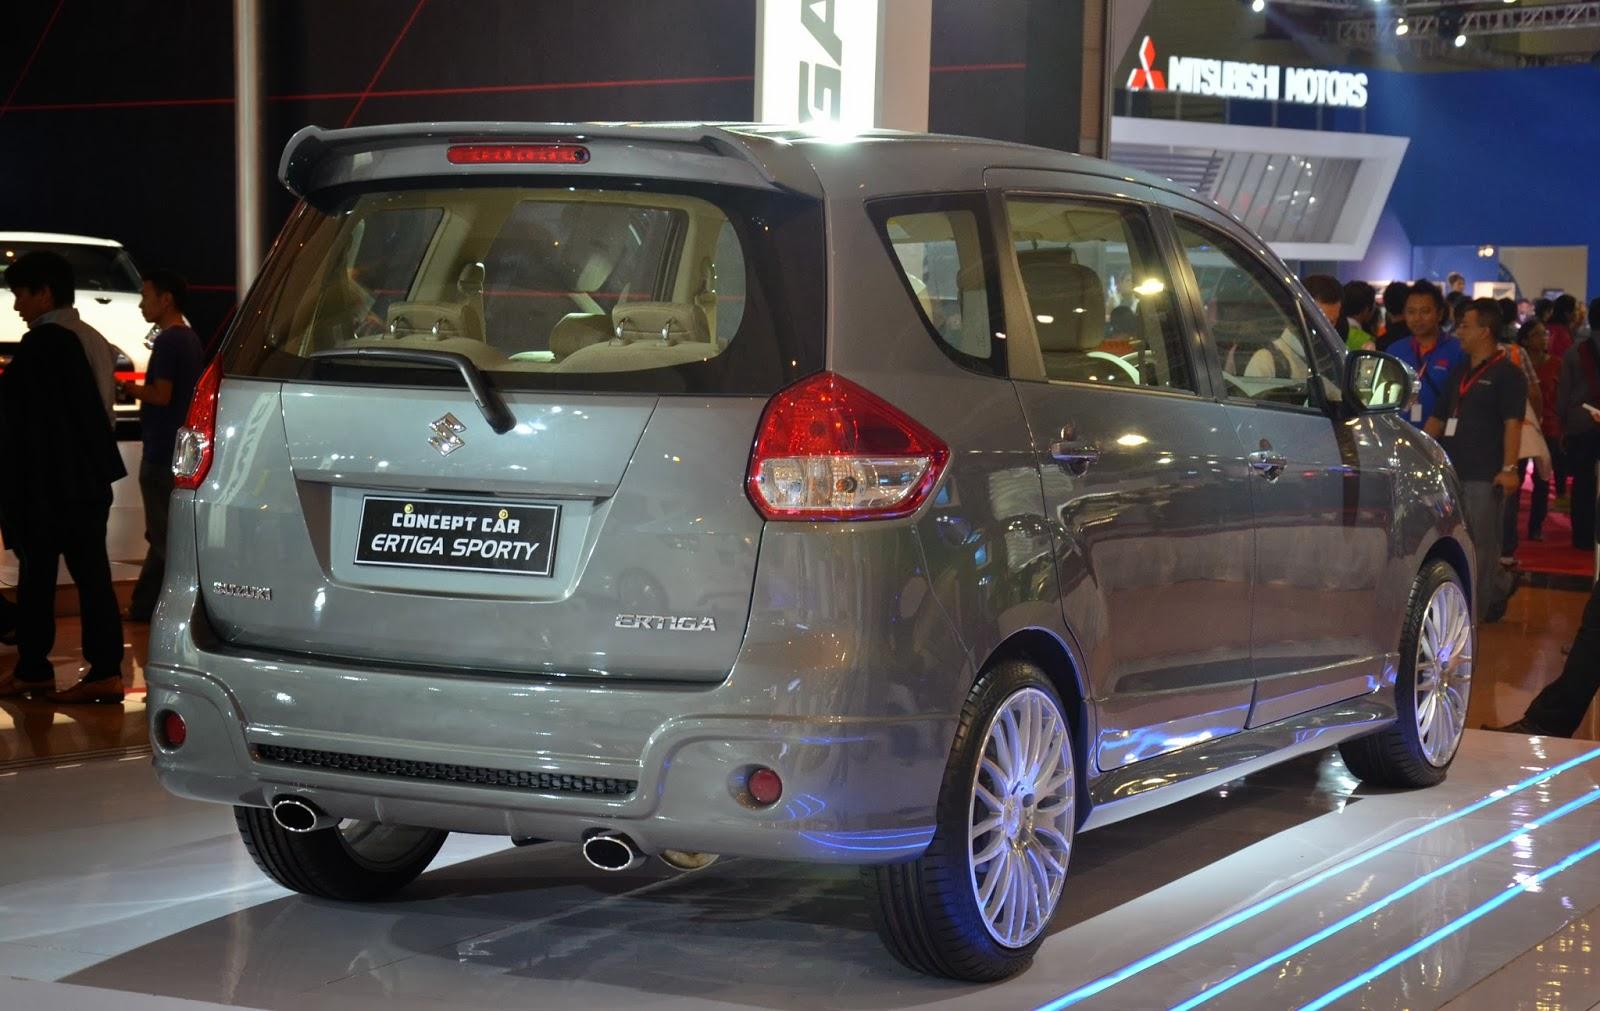 Daftar Harga Mobil Baru Suzuki 2012 Harga Terbaru ...